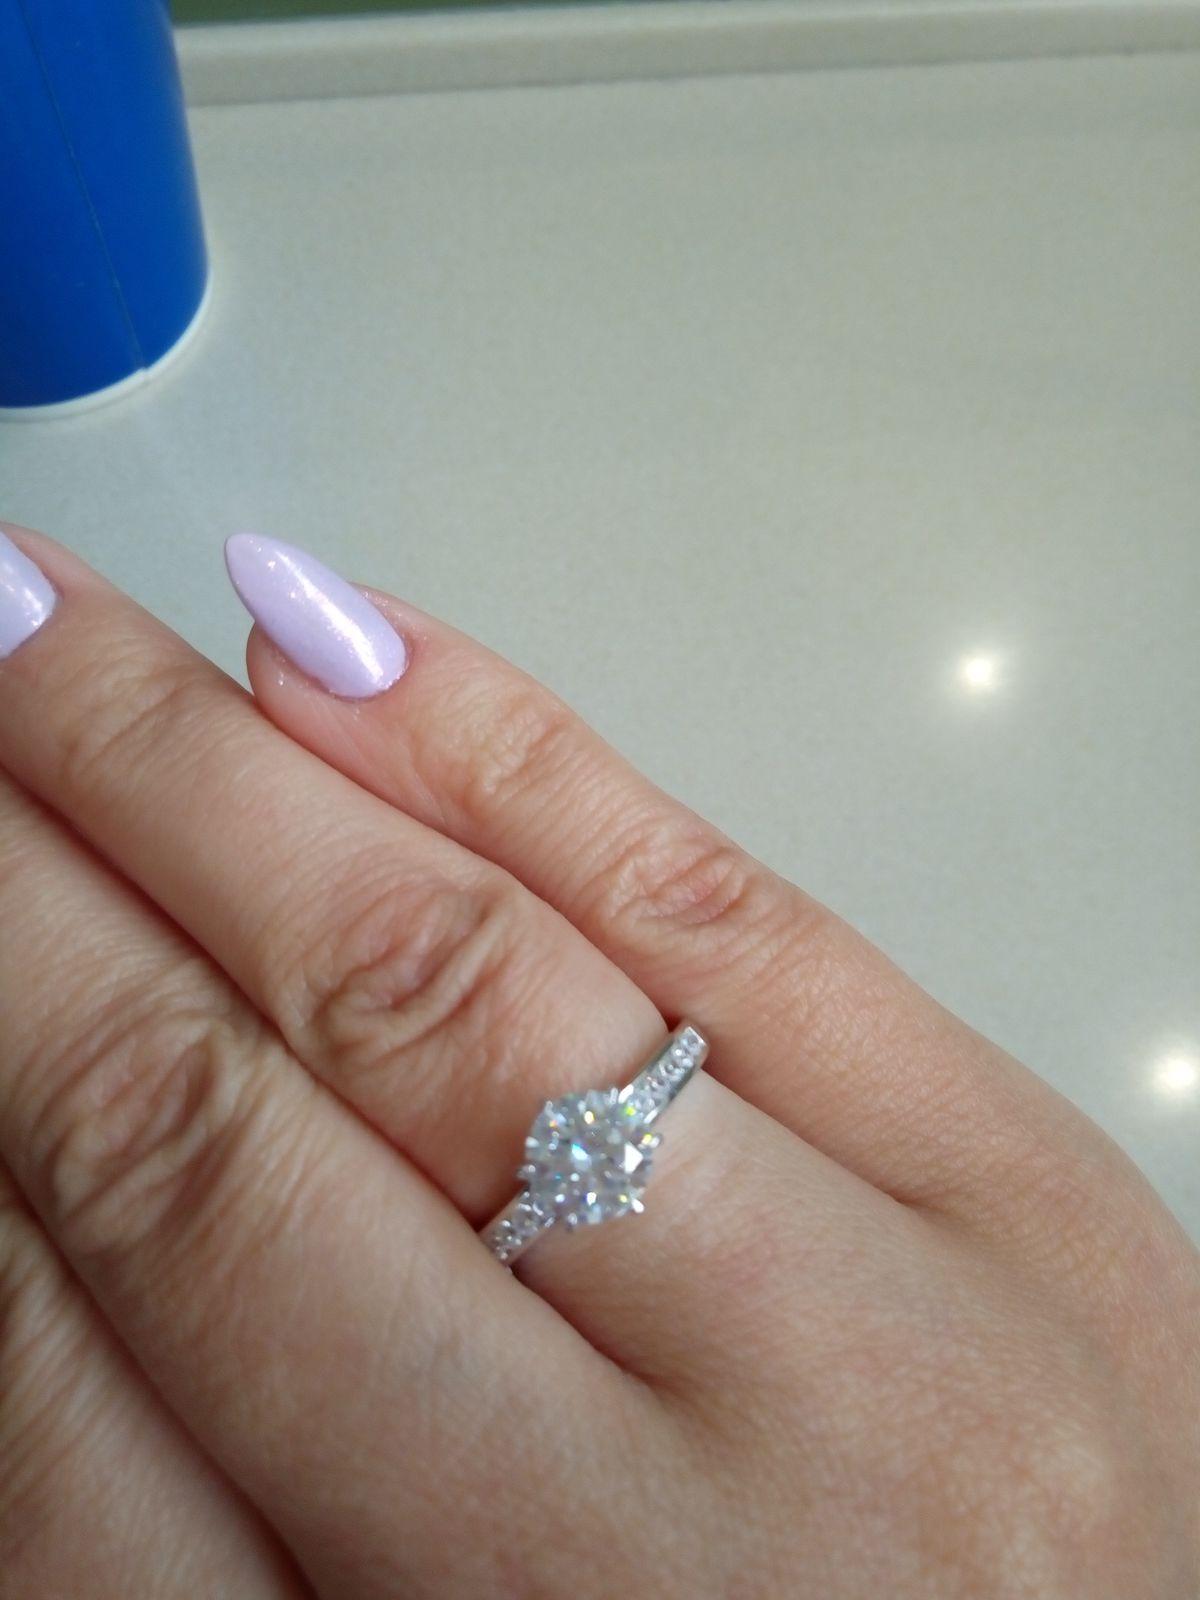 Очень красивое кольцо,камни сверкают при любом свете.Очень довольна!